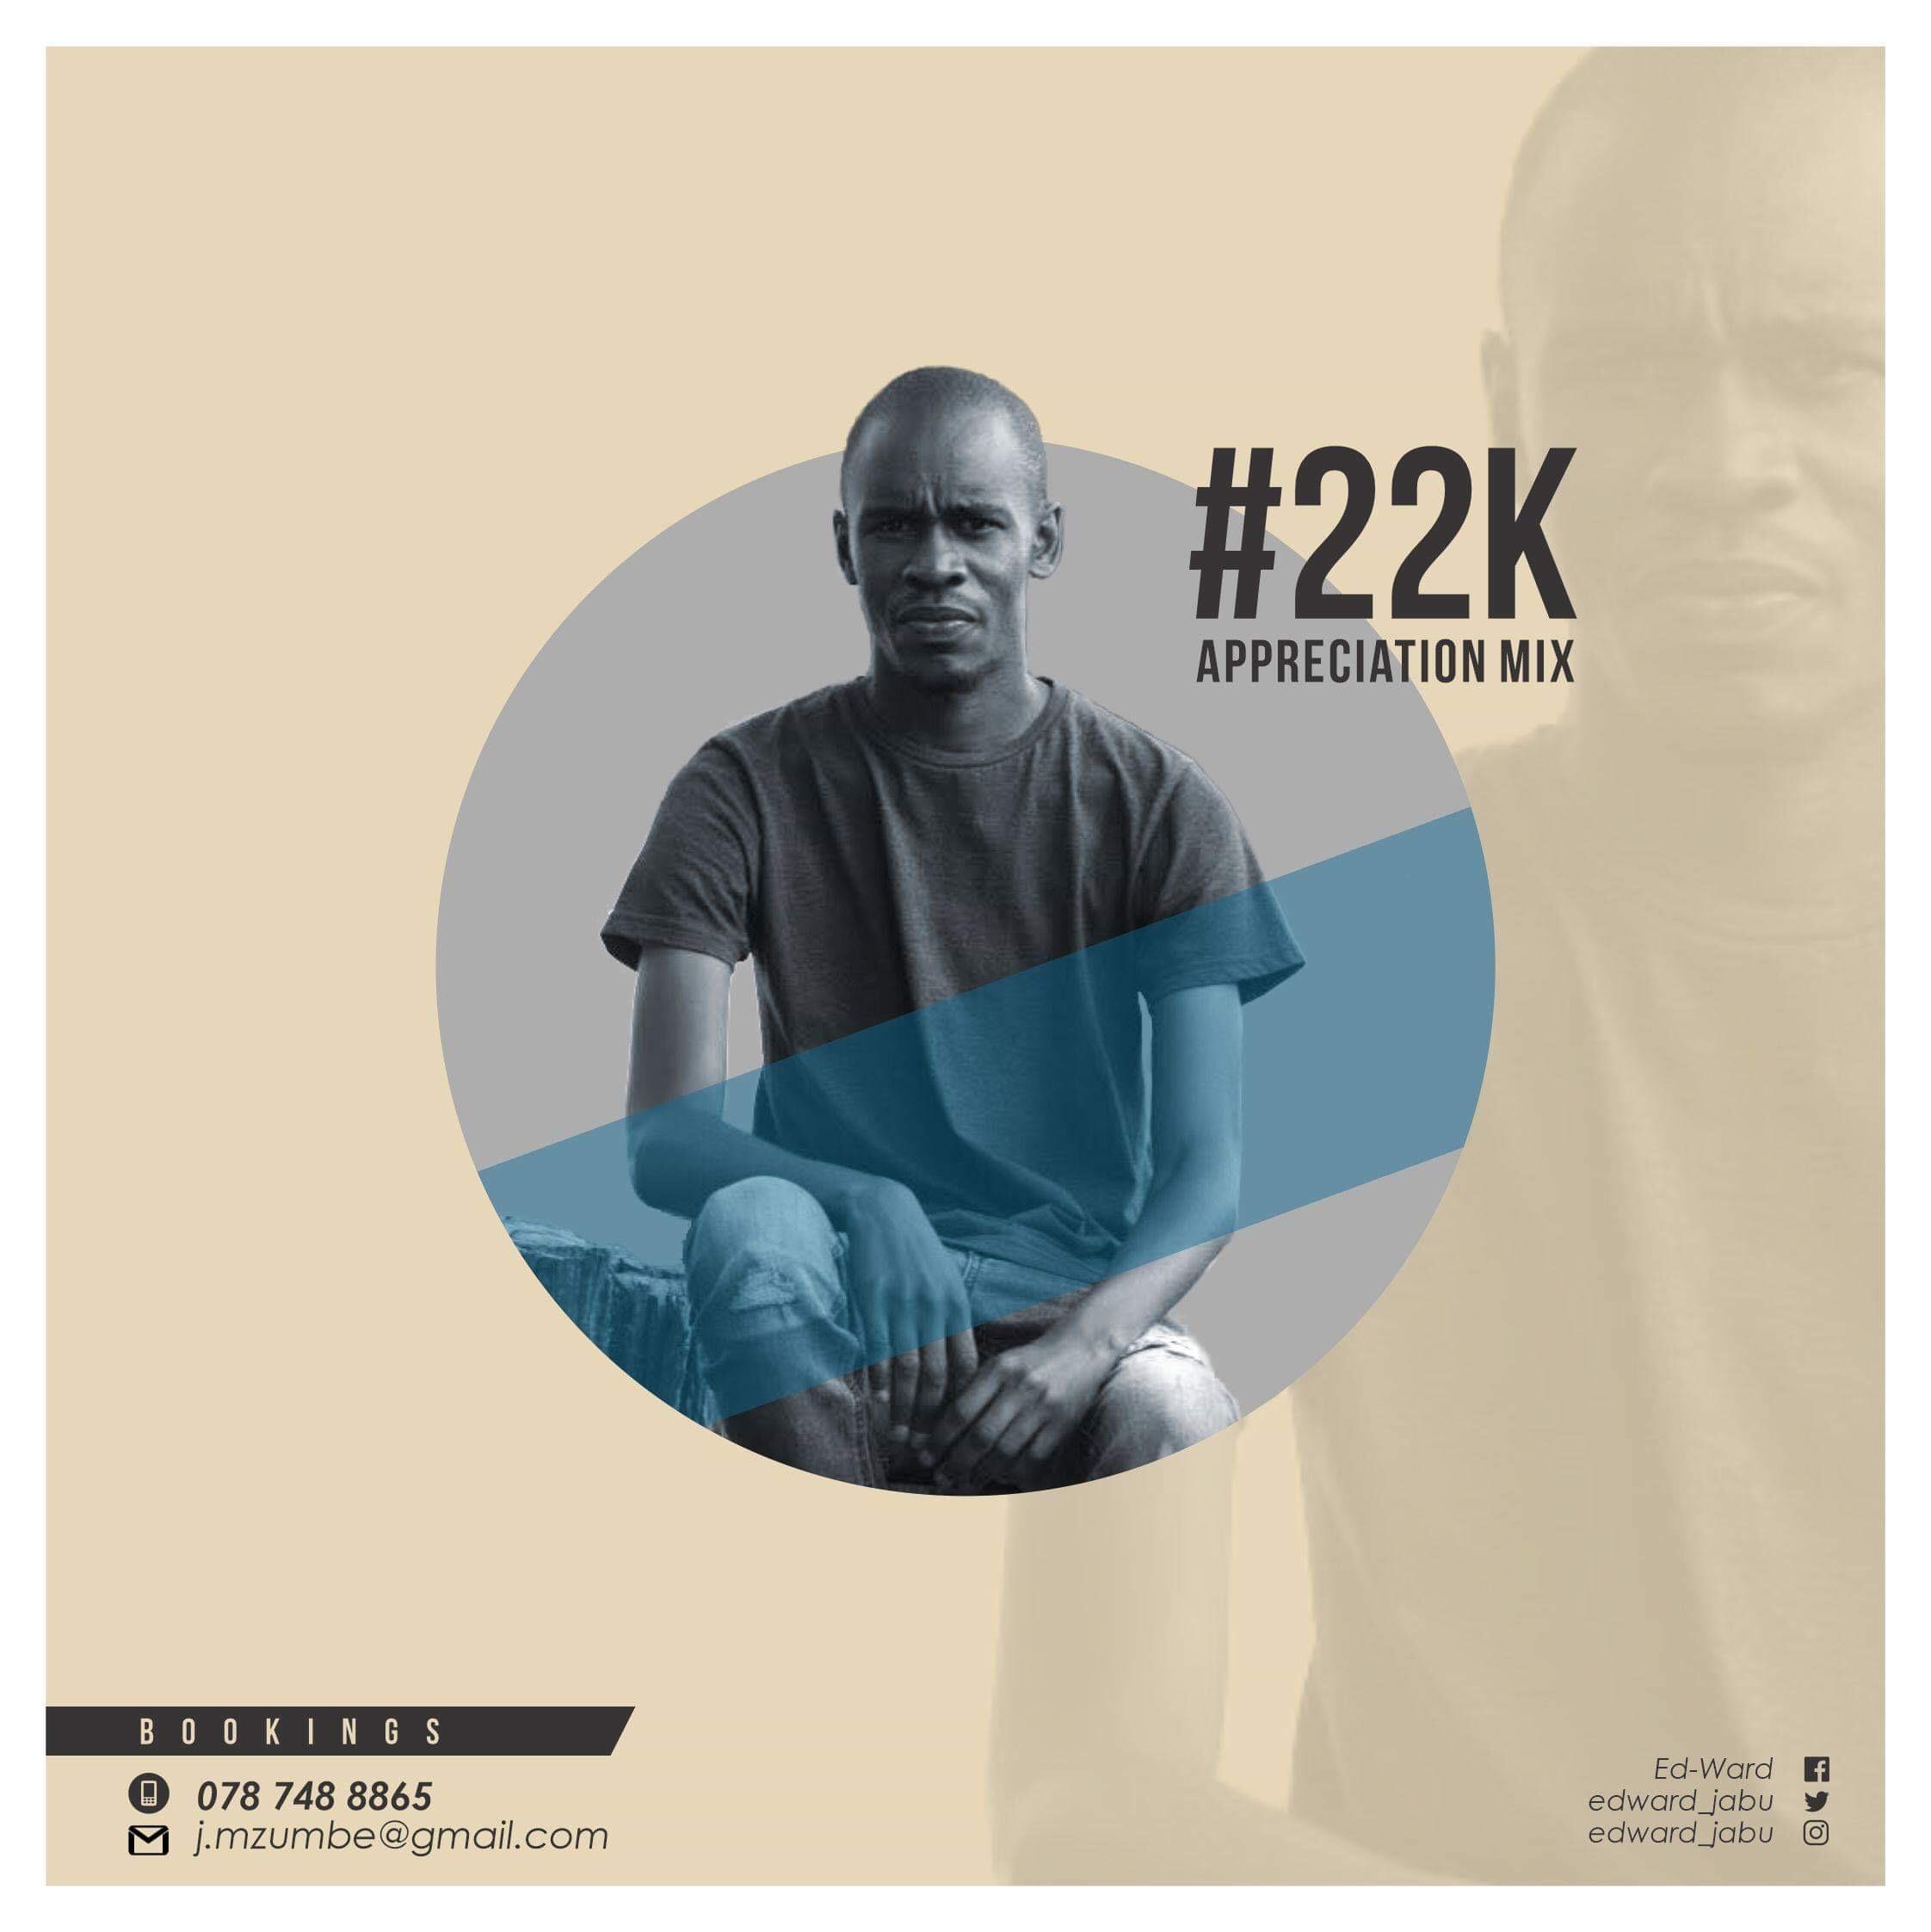 ED WARD 22K MIX - Ed-Ward – 22K Appreciation Mix